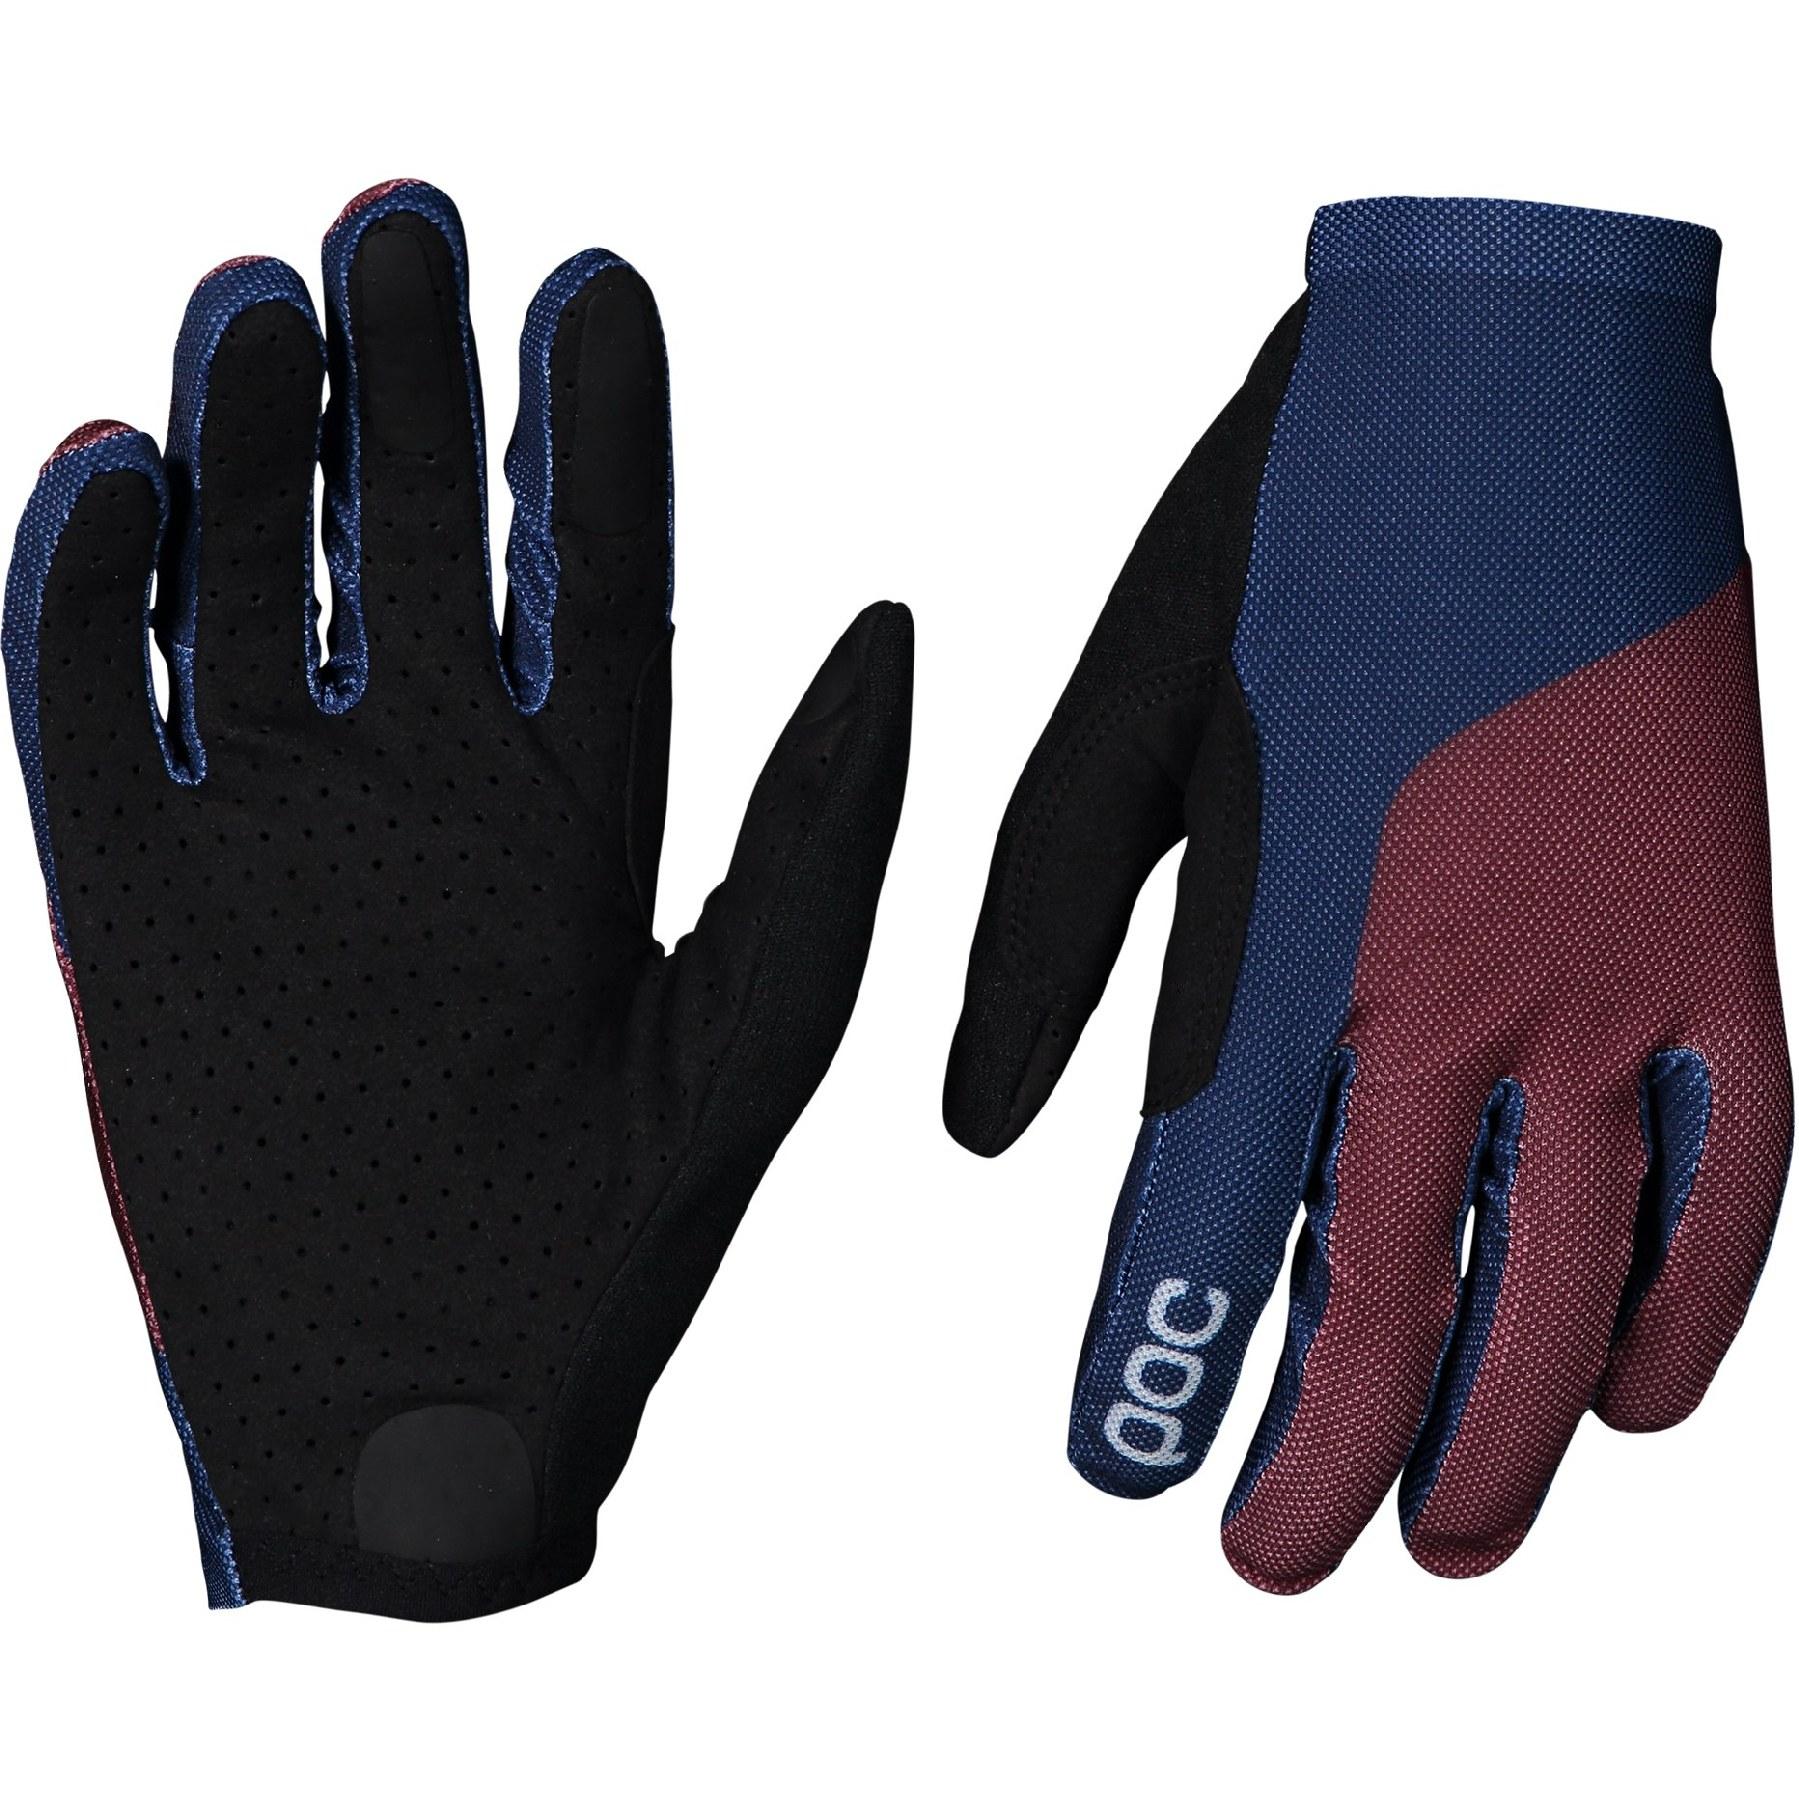 Foto de POC Essential Mesh Glove Guantes de ciclismo - 8374 Propylene Red/Turmaline Navy